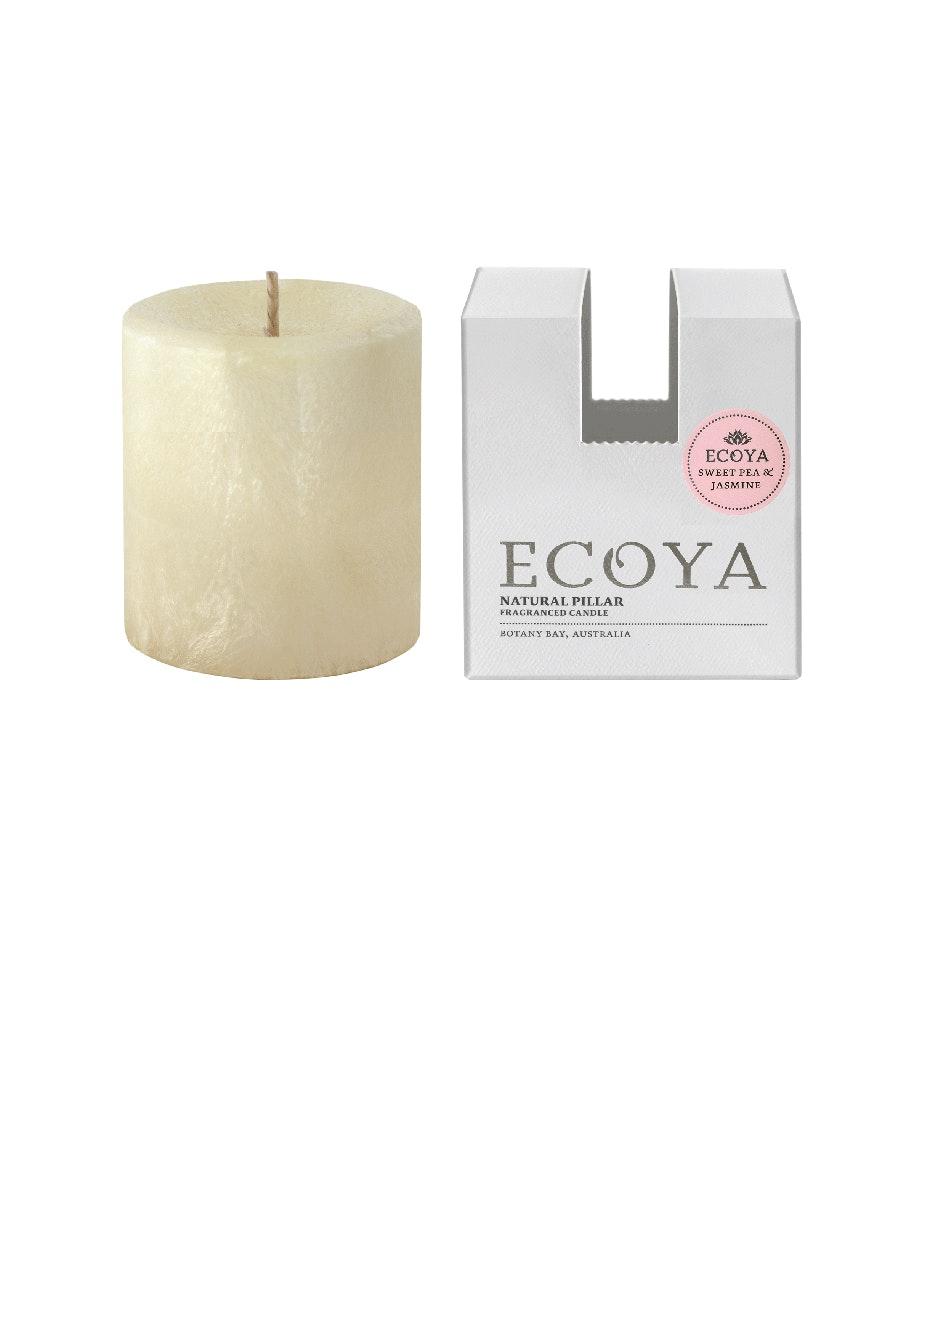 Ecoya - Pillar 75x85 Natural - Sweet Pea & Jasmine